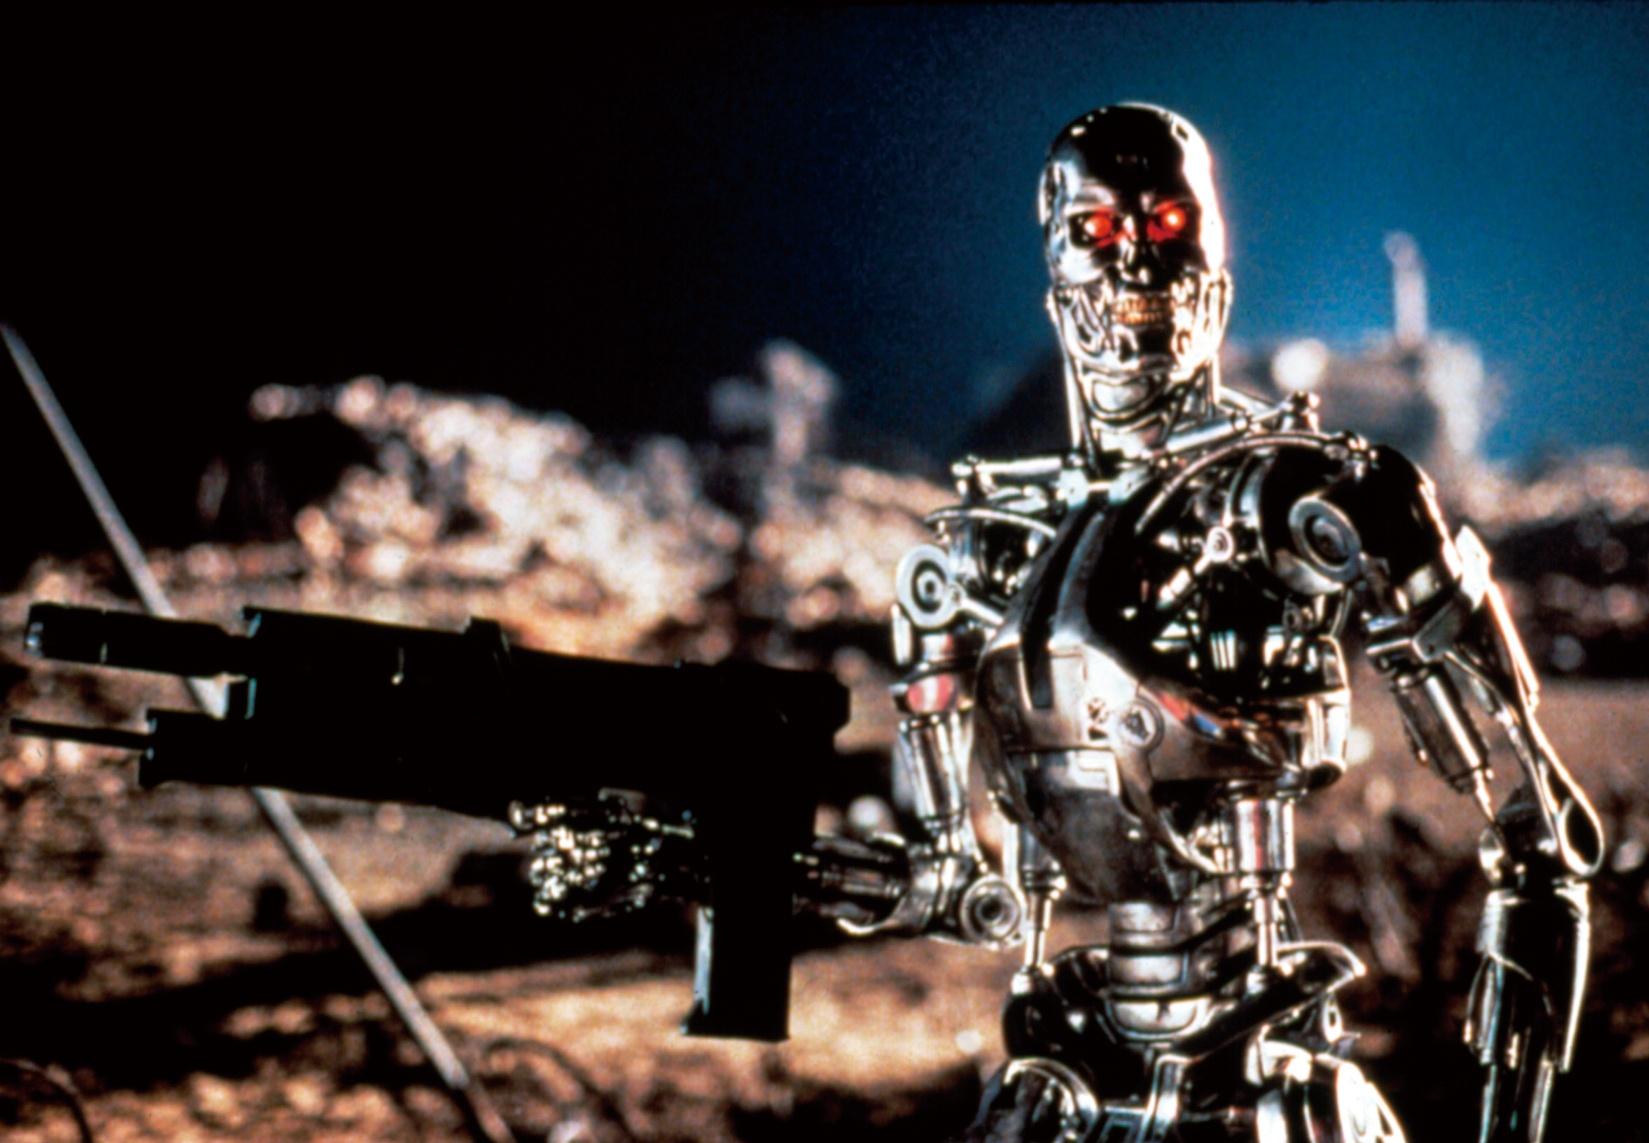 『ターミネーター2』(91) 人工知能がつくった人類殲滅のためのマシン。スタン・ウィンストンがつくり上げたエンド・スケルトンからは、恐るべき殺人兵器であることが伝わる